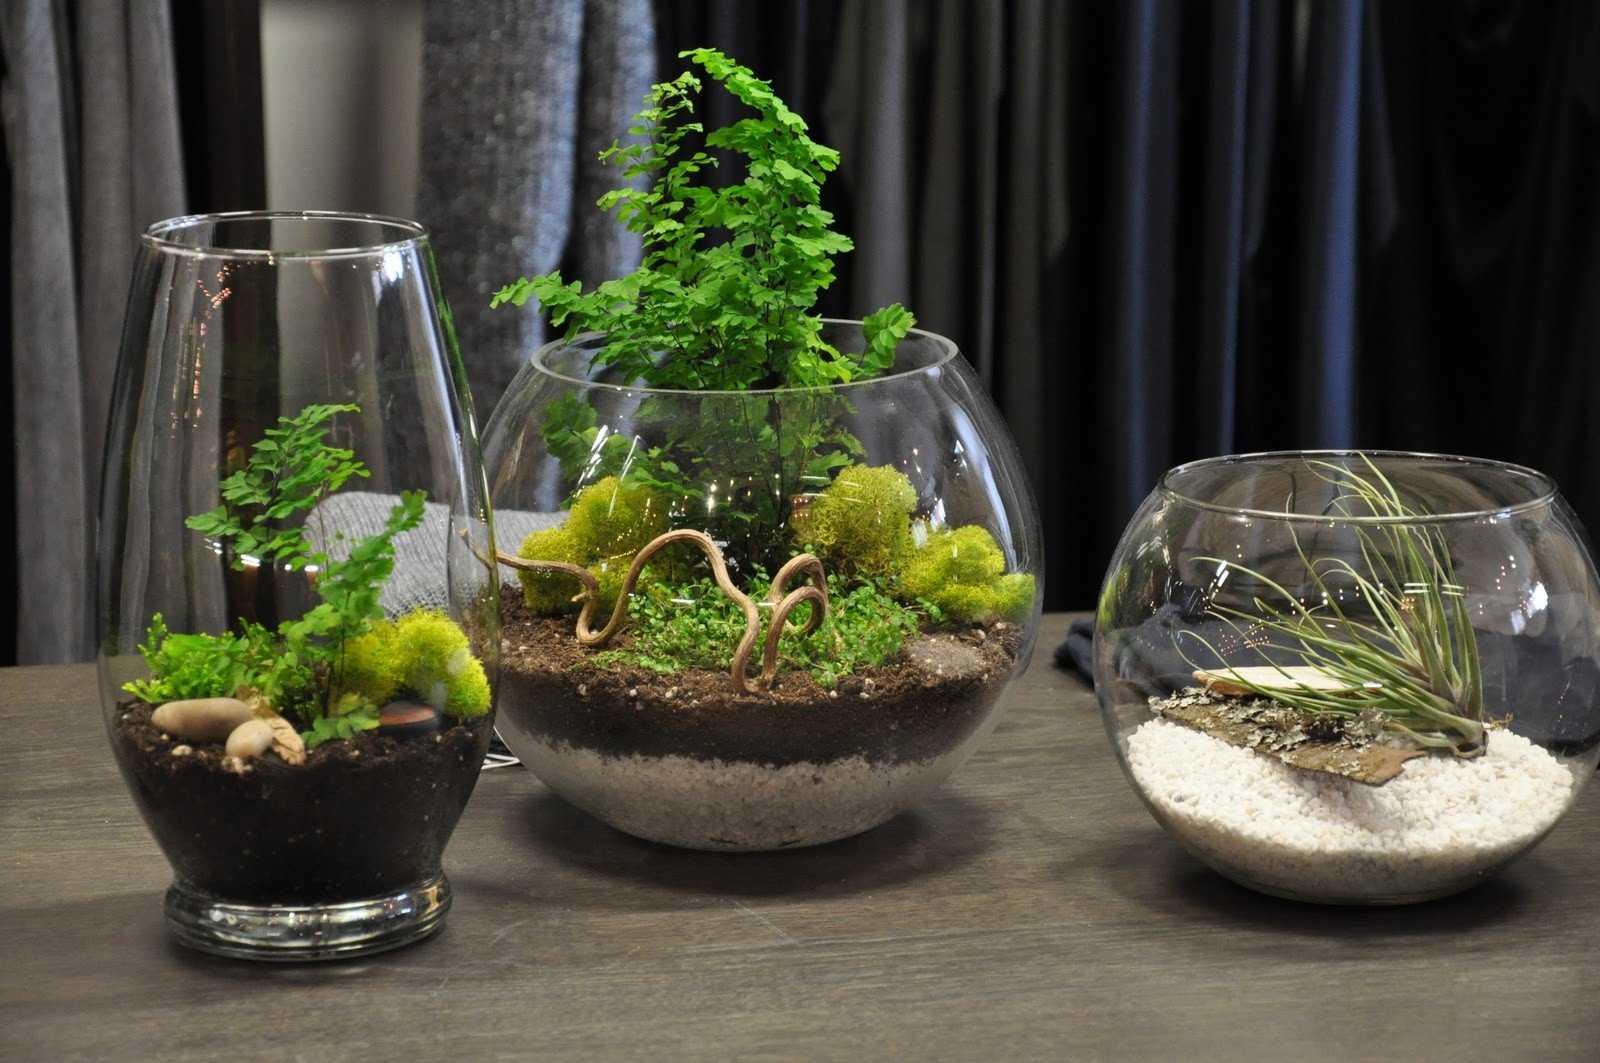 Флорариум своими руками: подбираем грунт, емкость, растения - каталог статей на сайте - домстрой